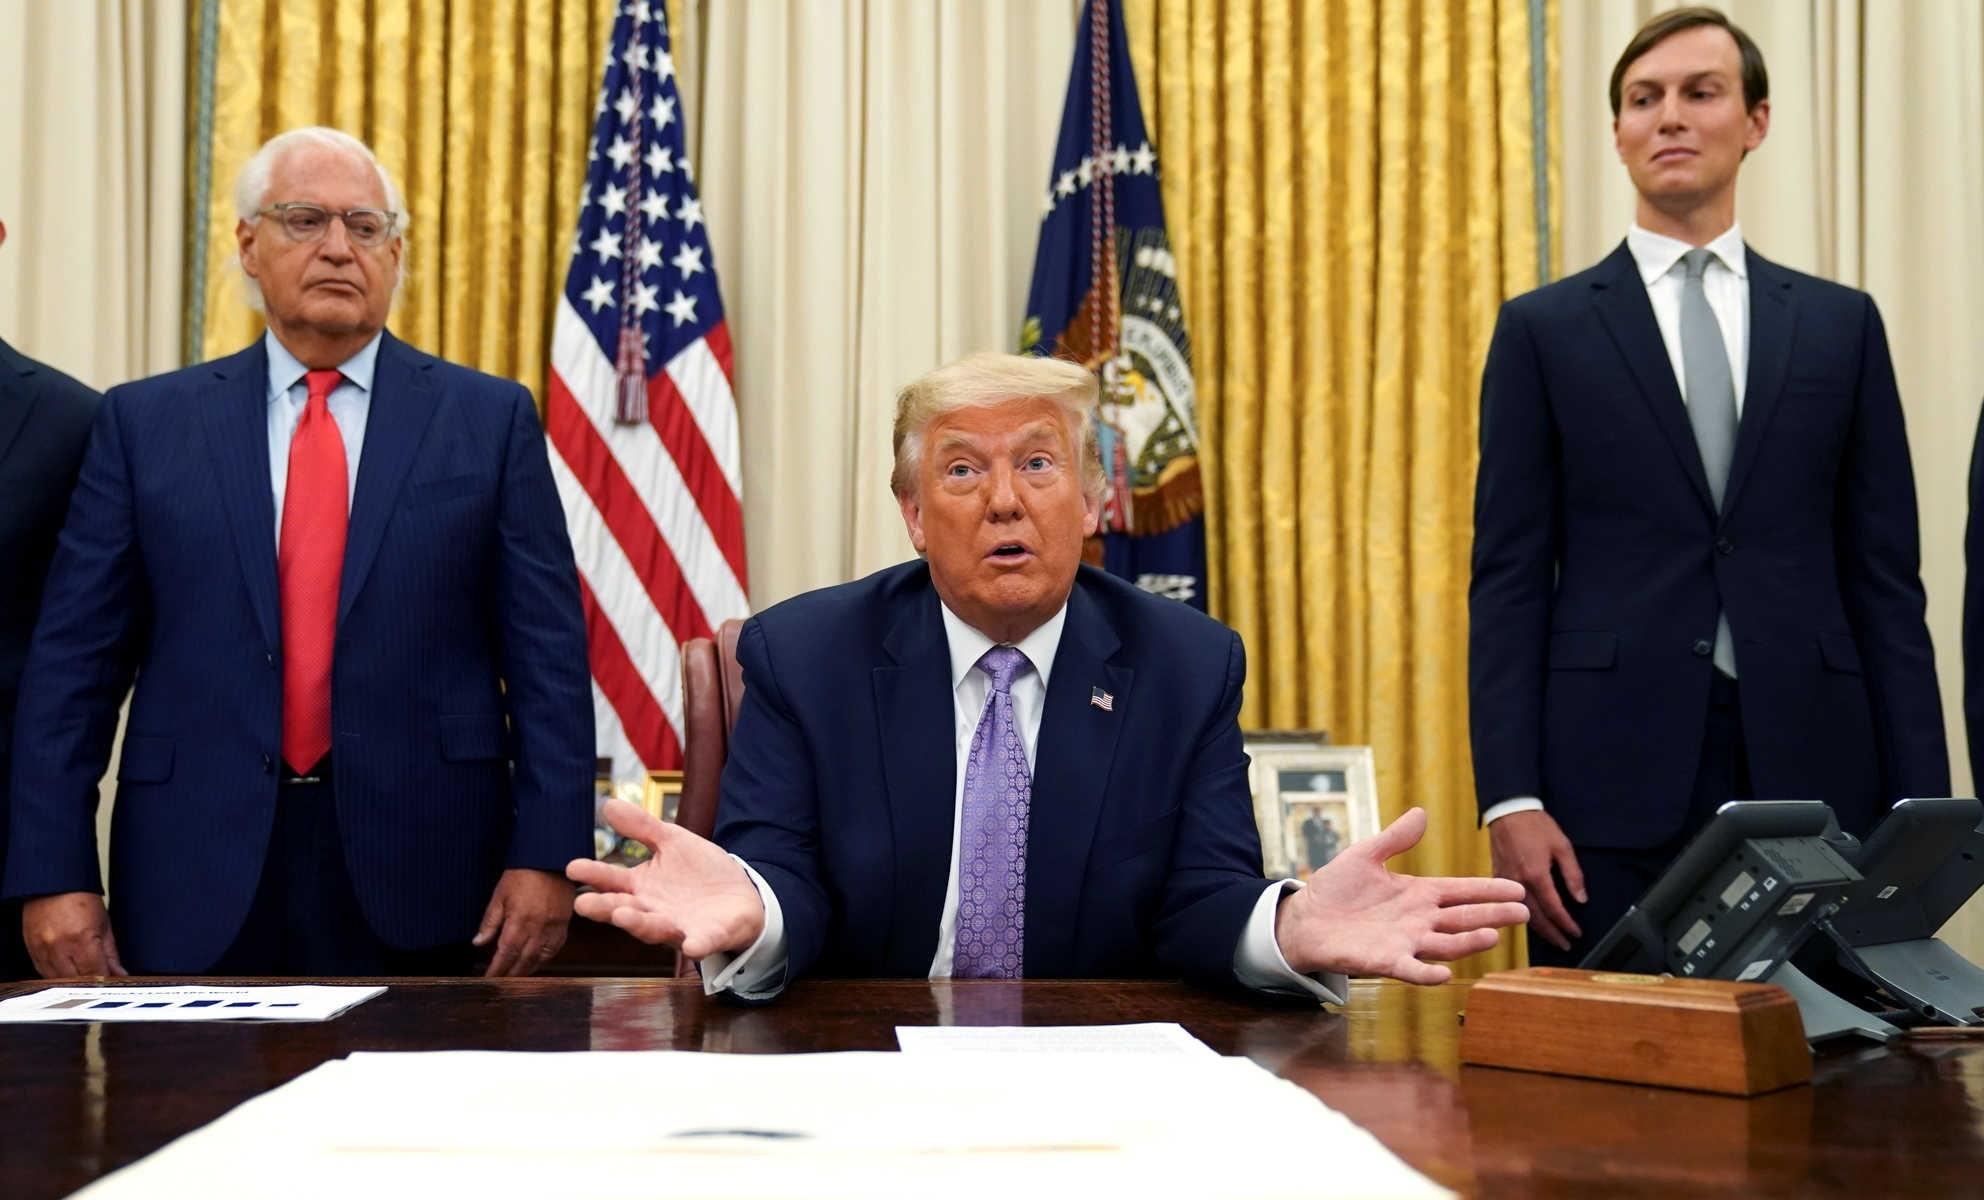 ترامب يعفو عن مجموعة ثانية من الأميركيين تضم 26 شخصاً